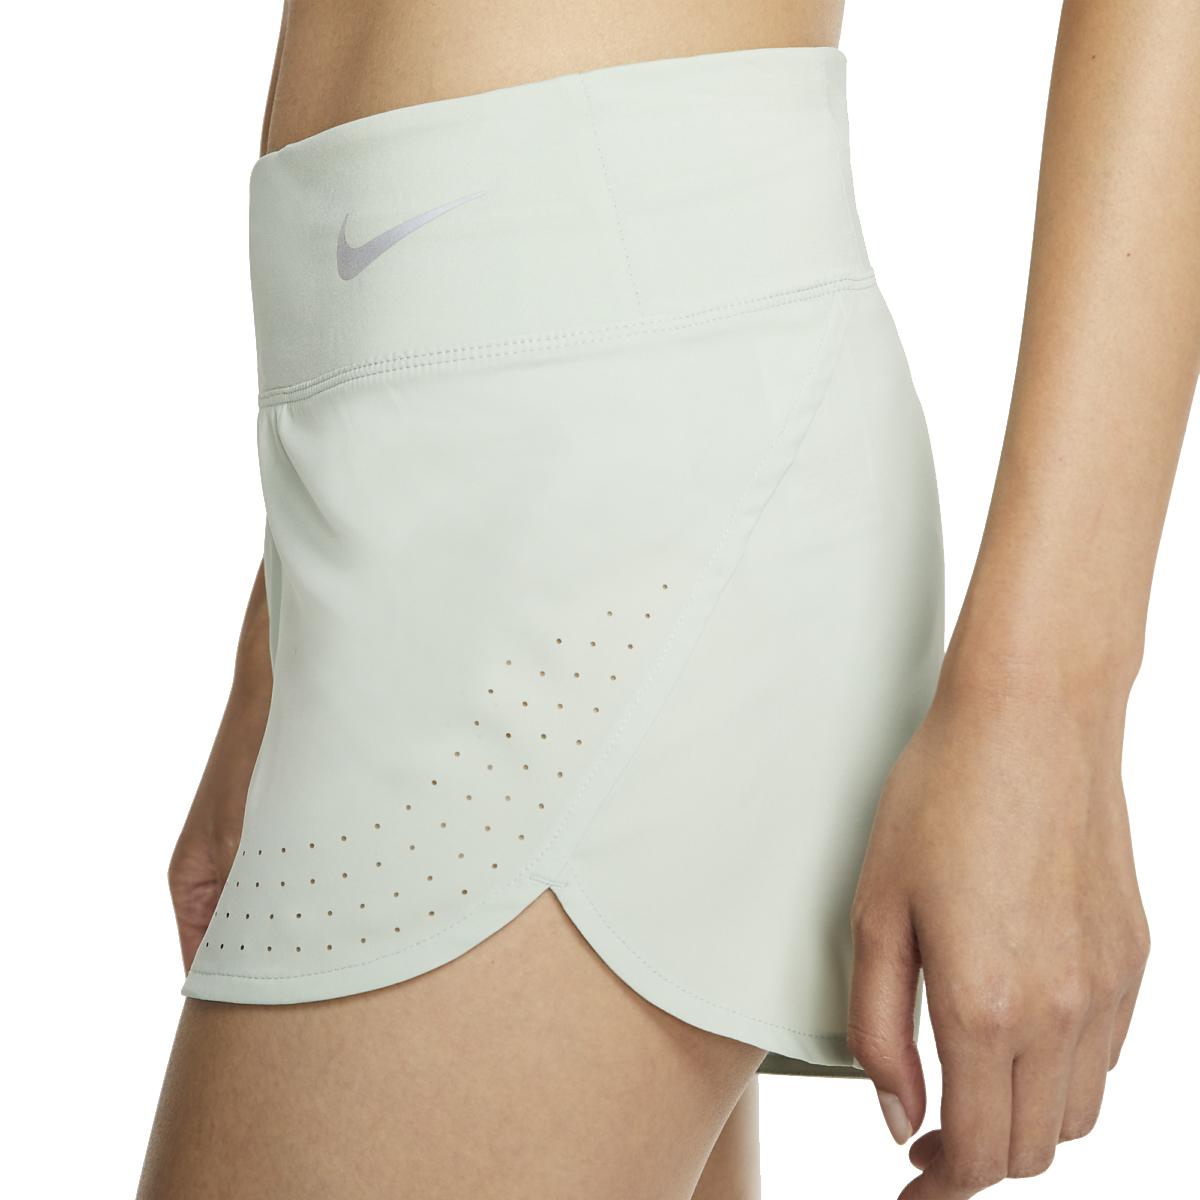 Women's Nike Eclipse 3 Inch Short  - Color: Pistachio Frost - Size: XL, Pistachio Frost, large, image 2